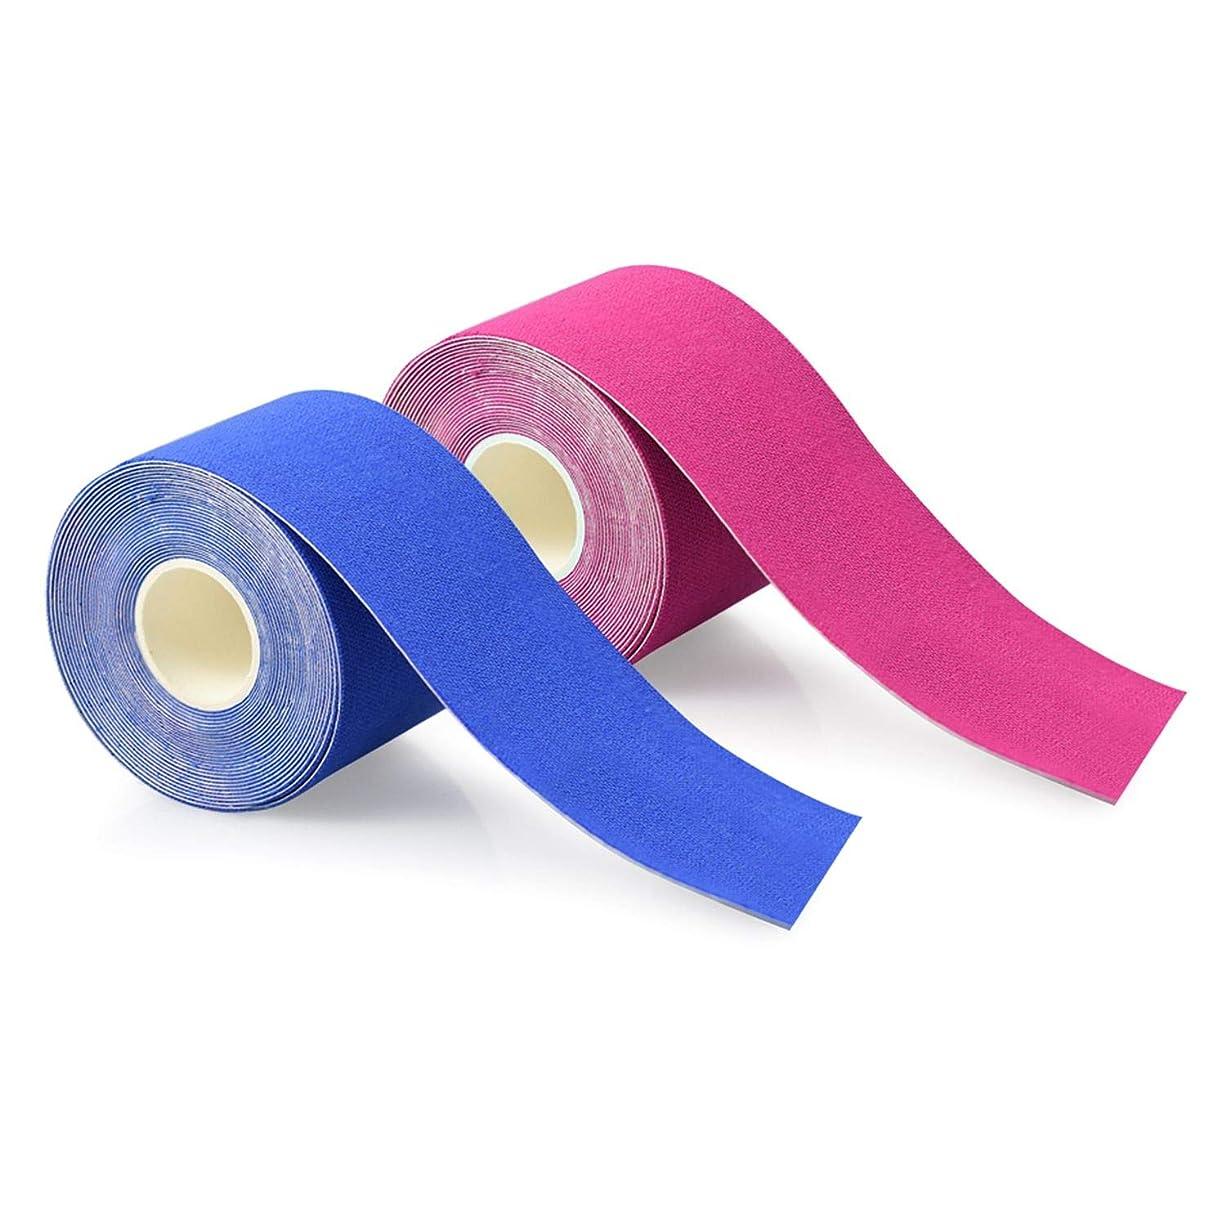 インディカ抑止する良心テーピングテープ,Citiyeh 【伸縮タイプ?快適通気 】 テーピング 筋肉サポート用 ロールタイプ 50mm x 5m 2入り